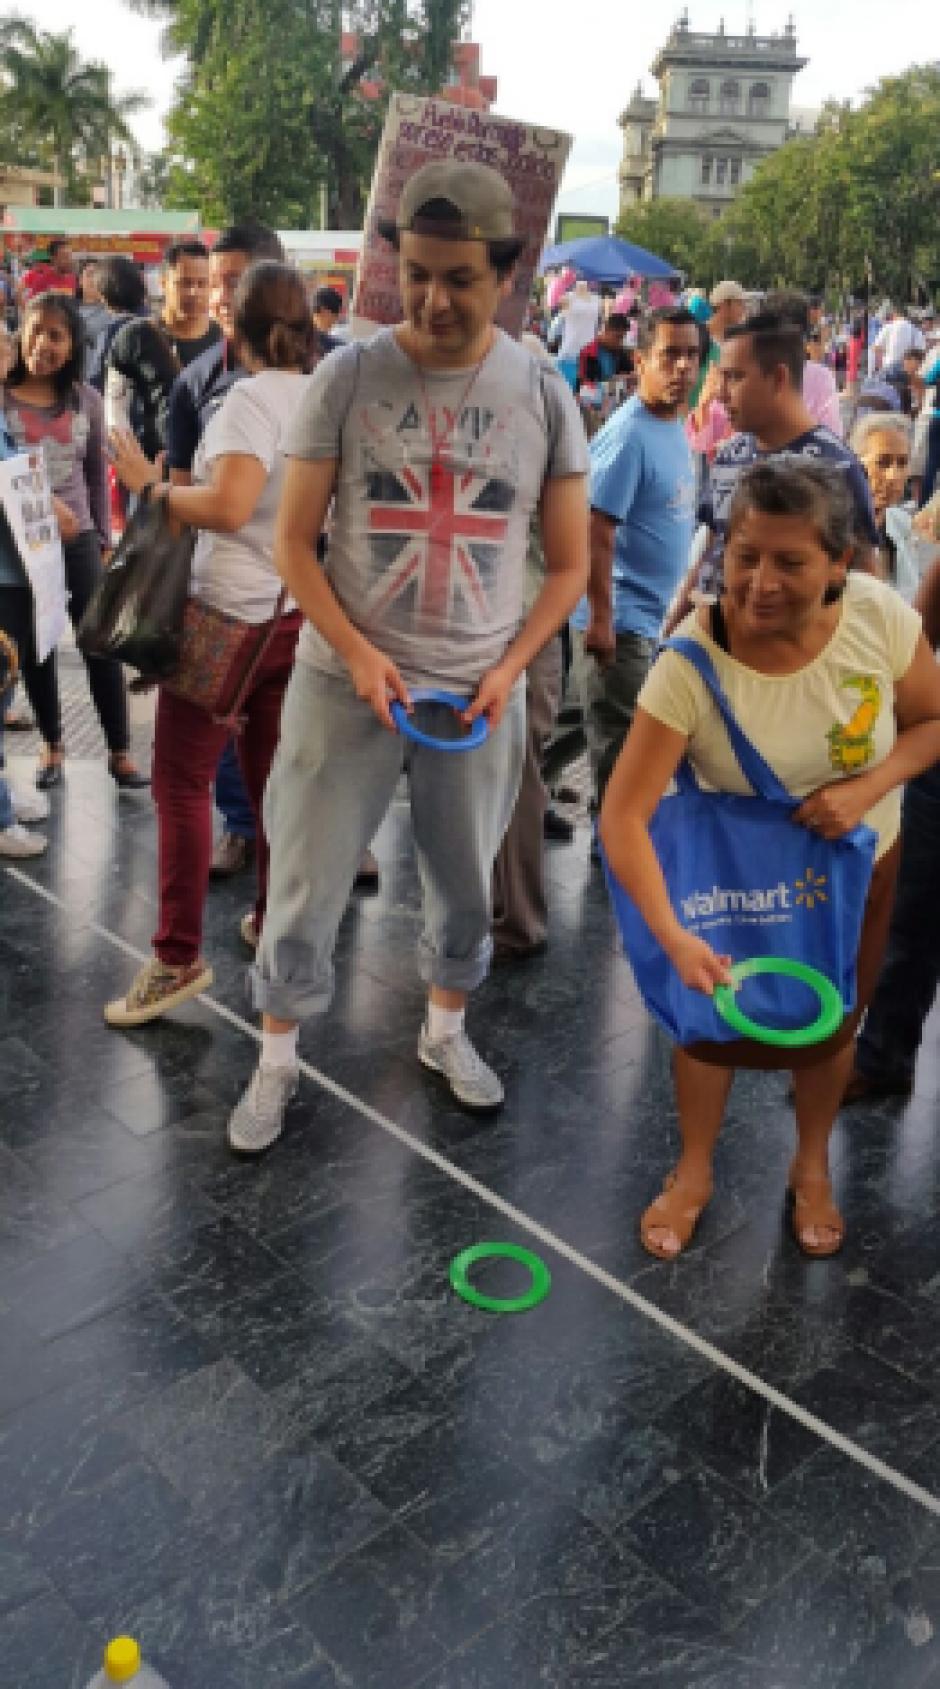 """La actividad """"Devuelvan la Feria"""" se realizó el sábado 30 en la esquina de la Sexta Avenida y Novena Calle zona 1. (Foto: LaBatucadaDelPueblo)"""